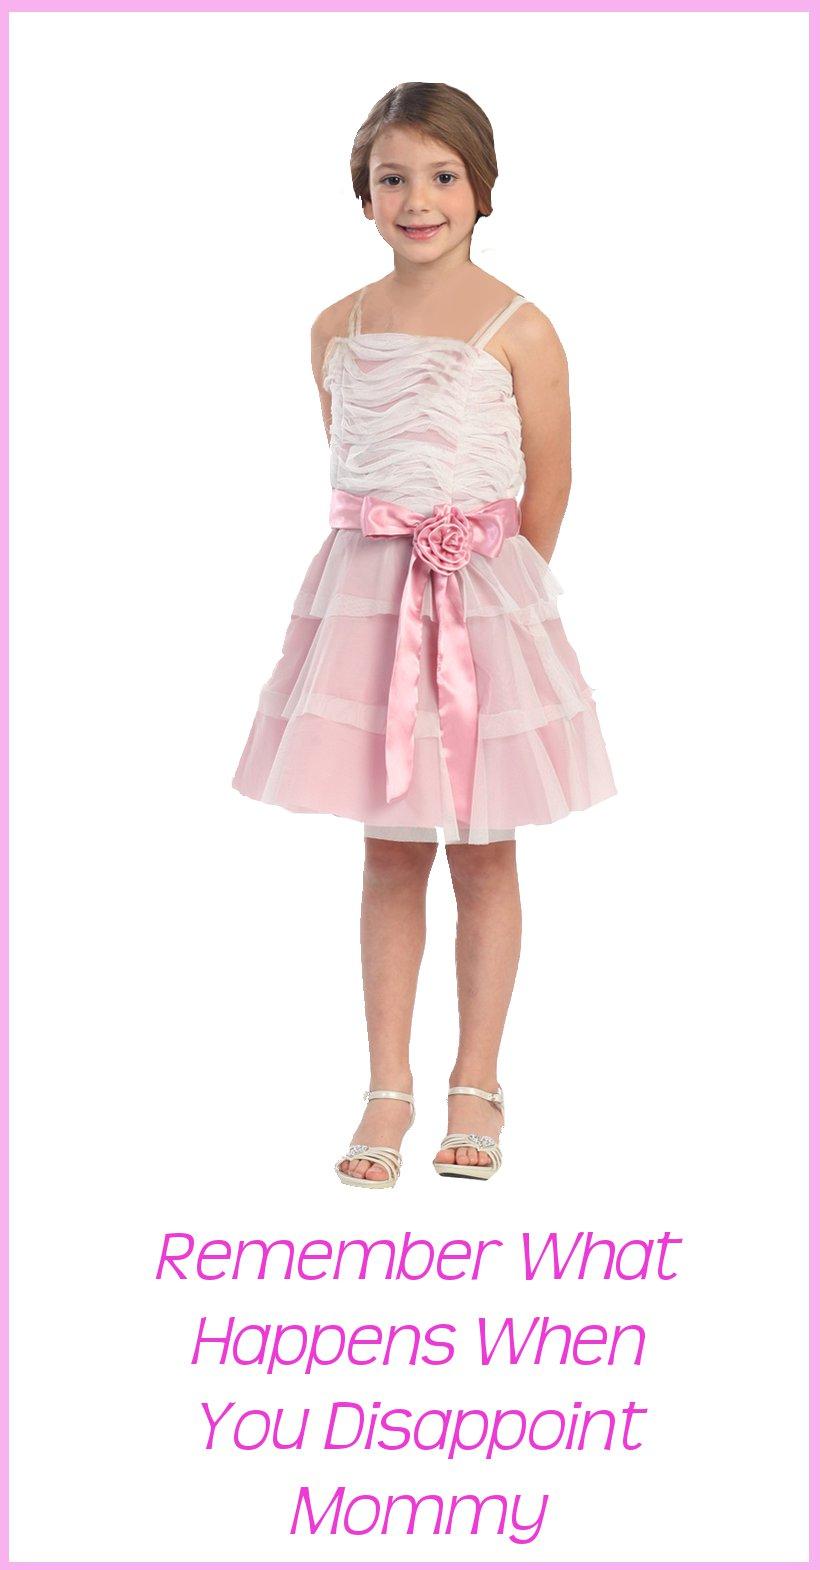 Petticoat punishment